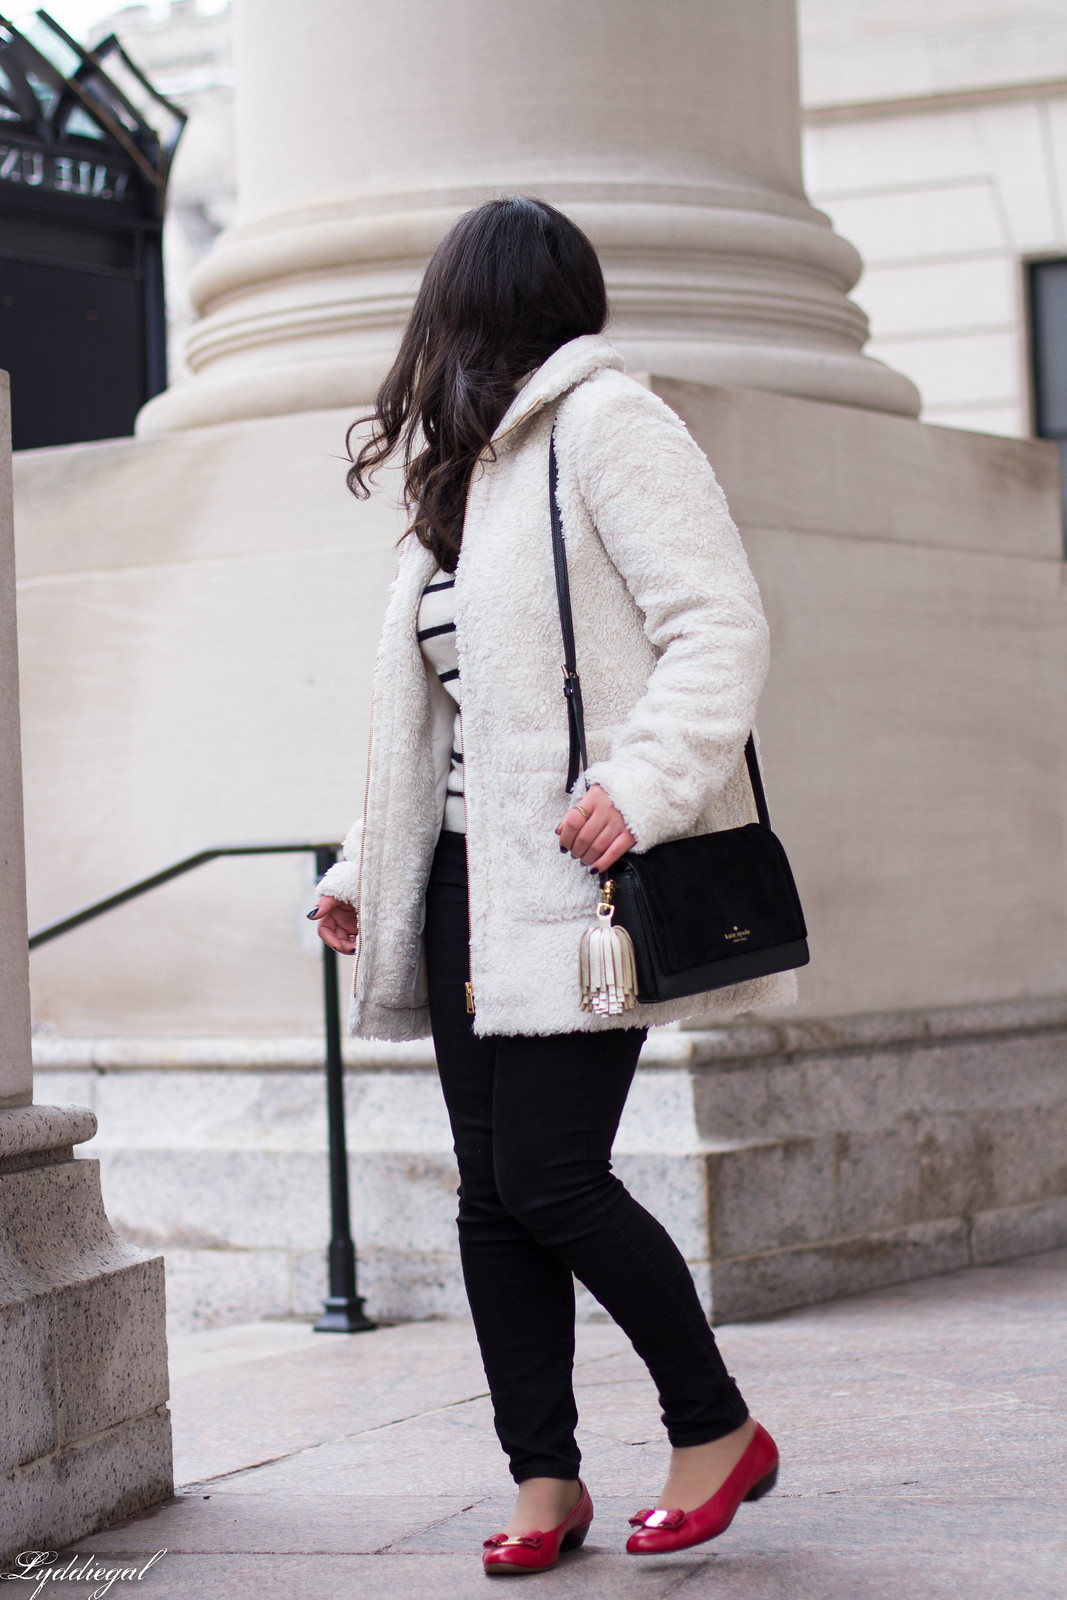 loft teddy bear coat, striped sweater, black jeans, red ferragamo flats-20.jpg